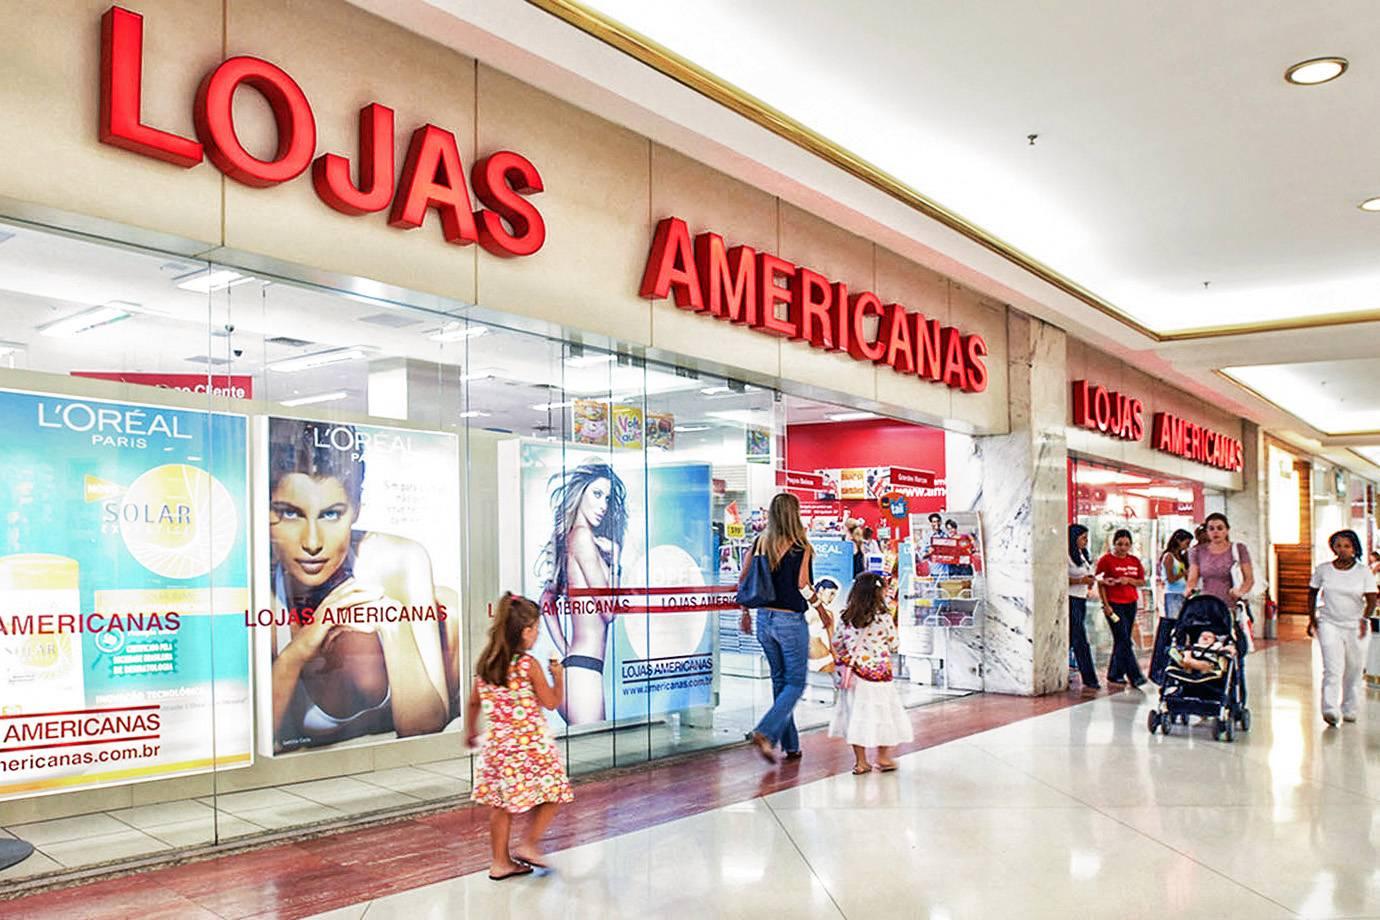 Lojas Americanas capta quase R$ 8 bi e trio 3G aporta R$ 1,8 bi | Exame